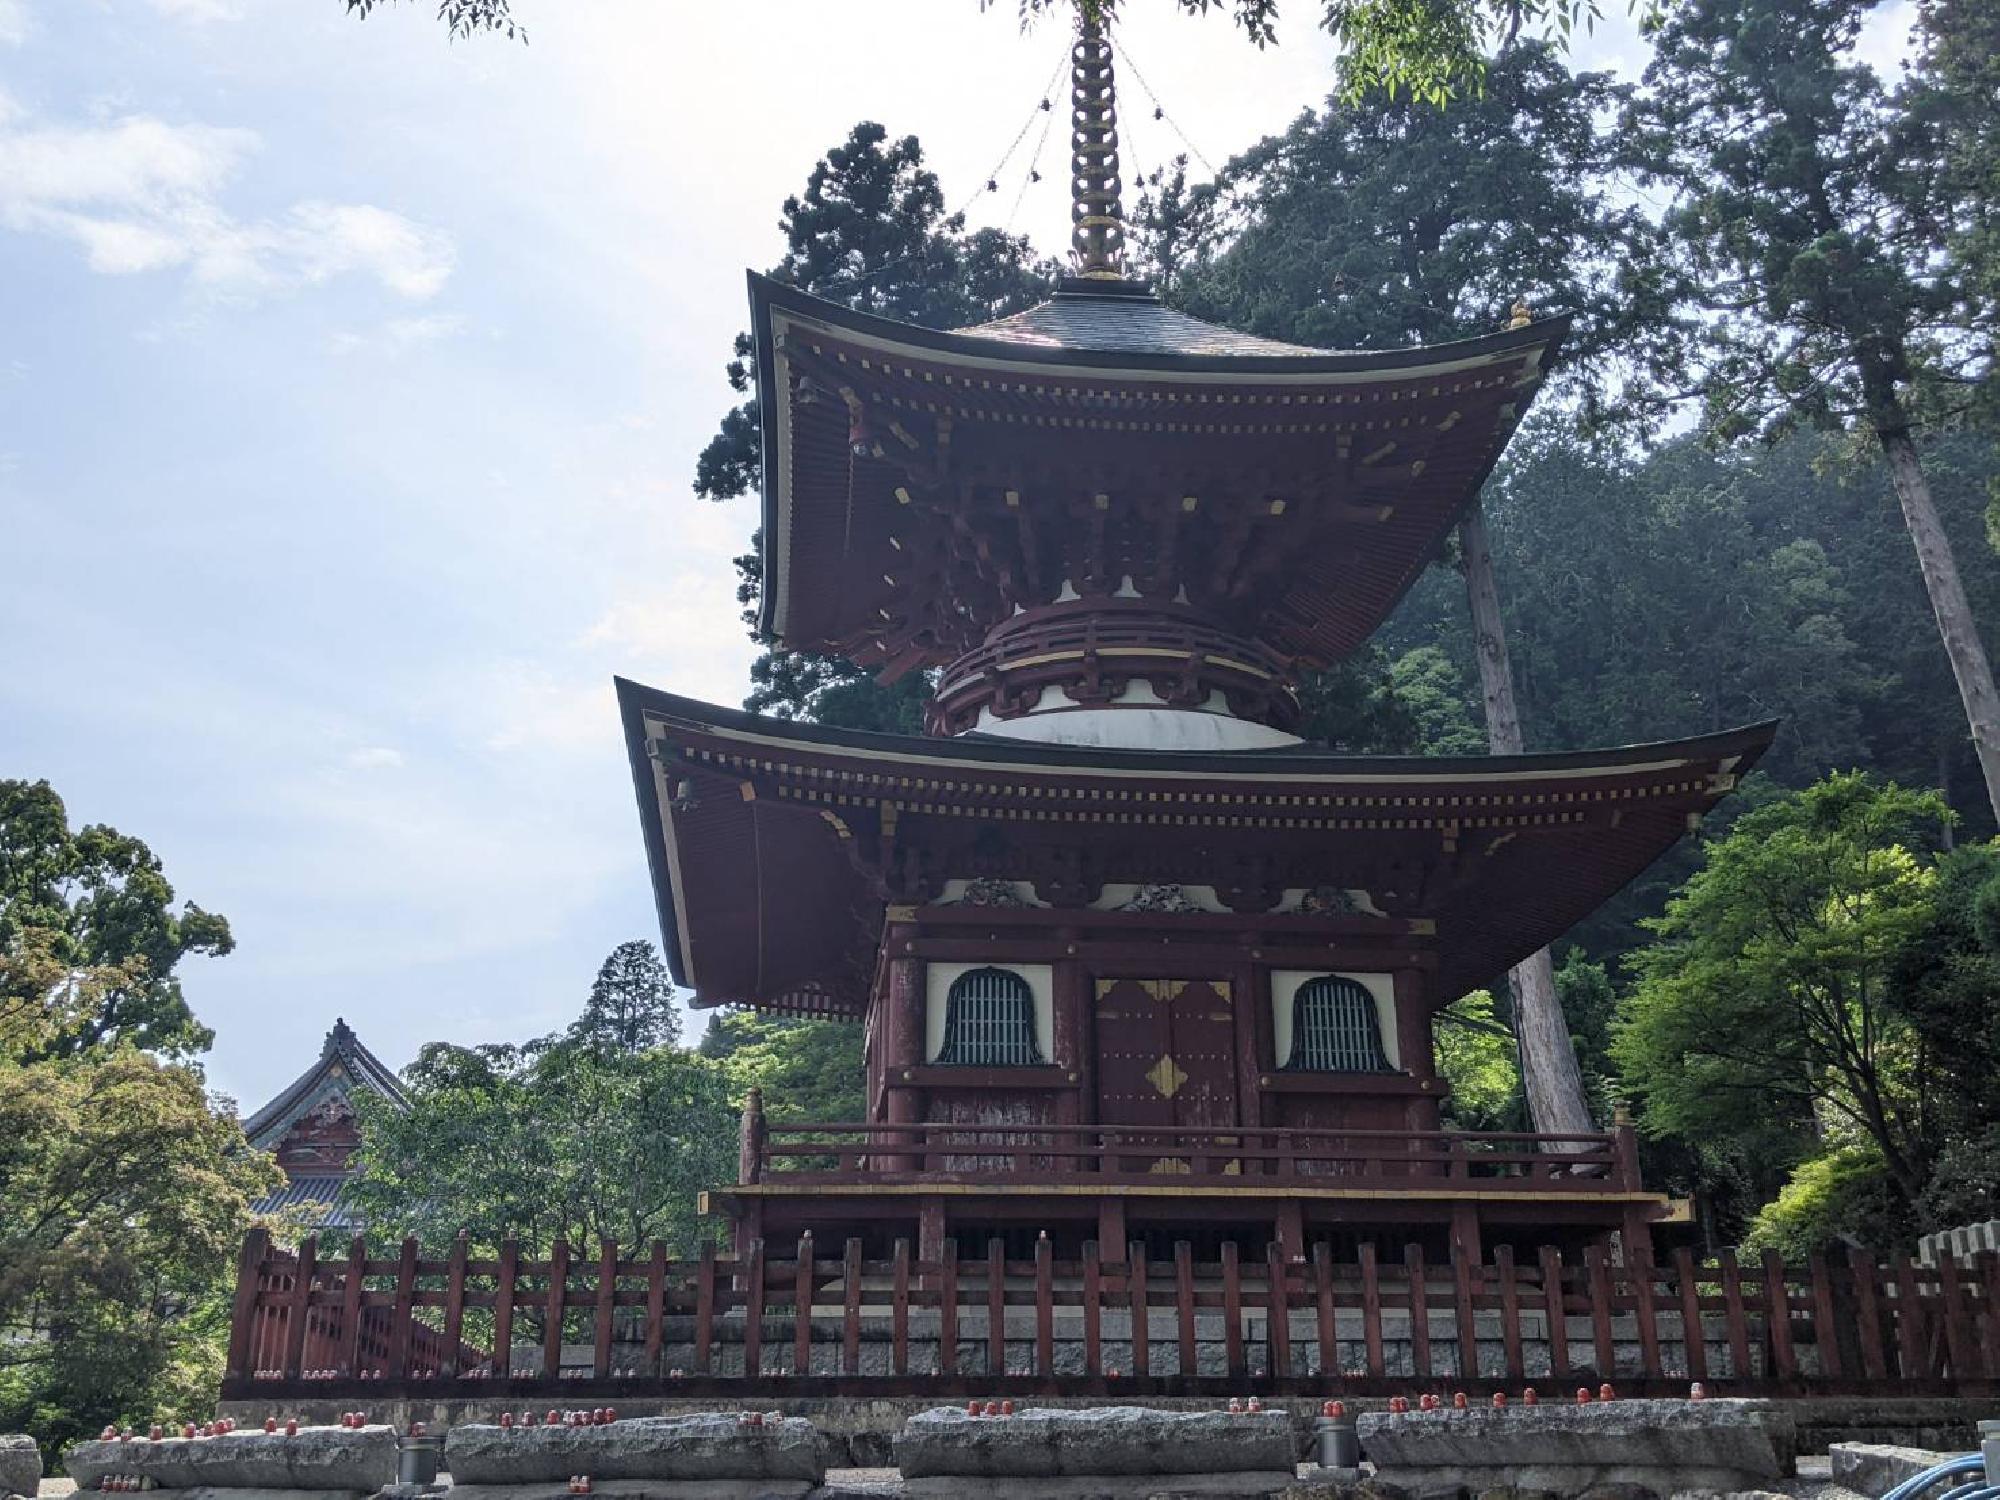 「勝ちダルマ」で有名な箕面市の勝尾寺_画像_2